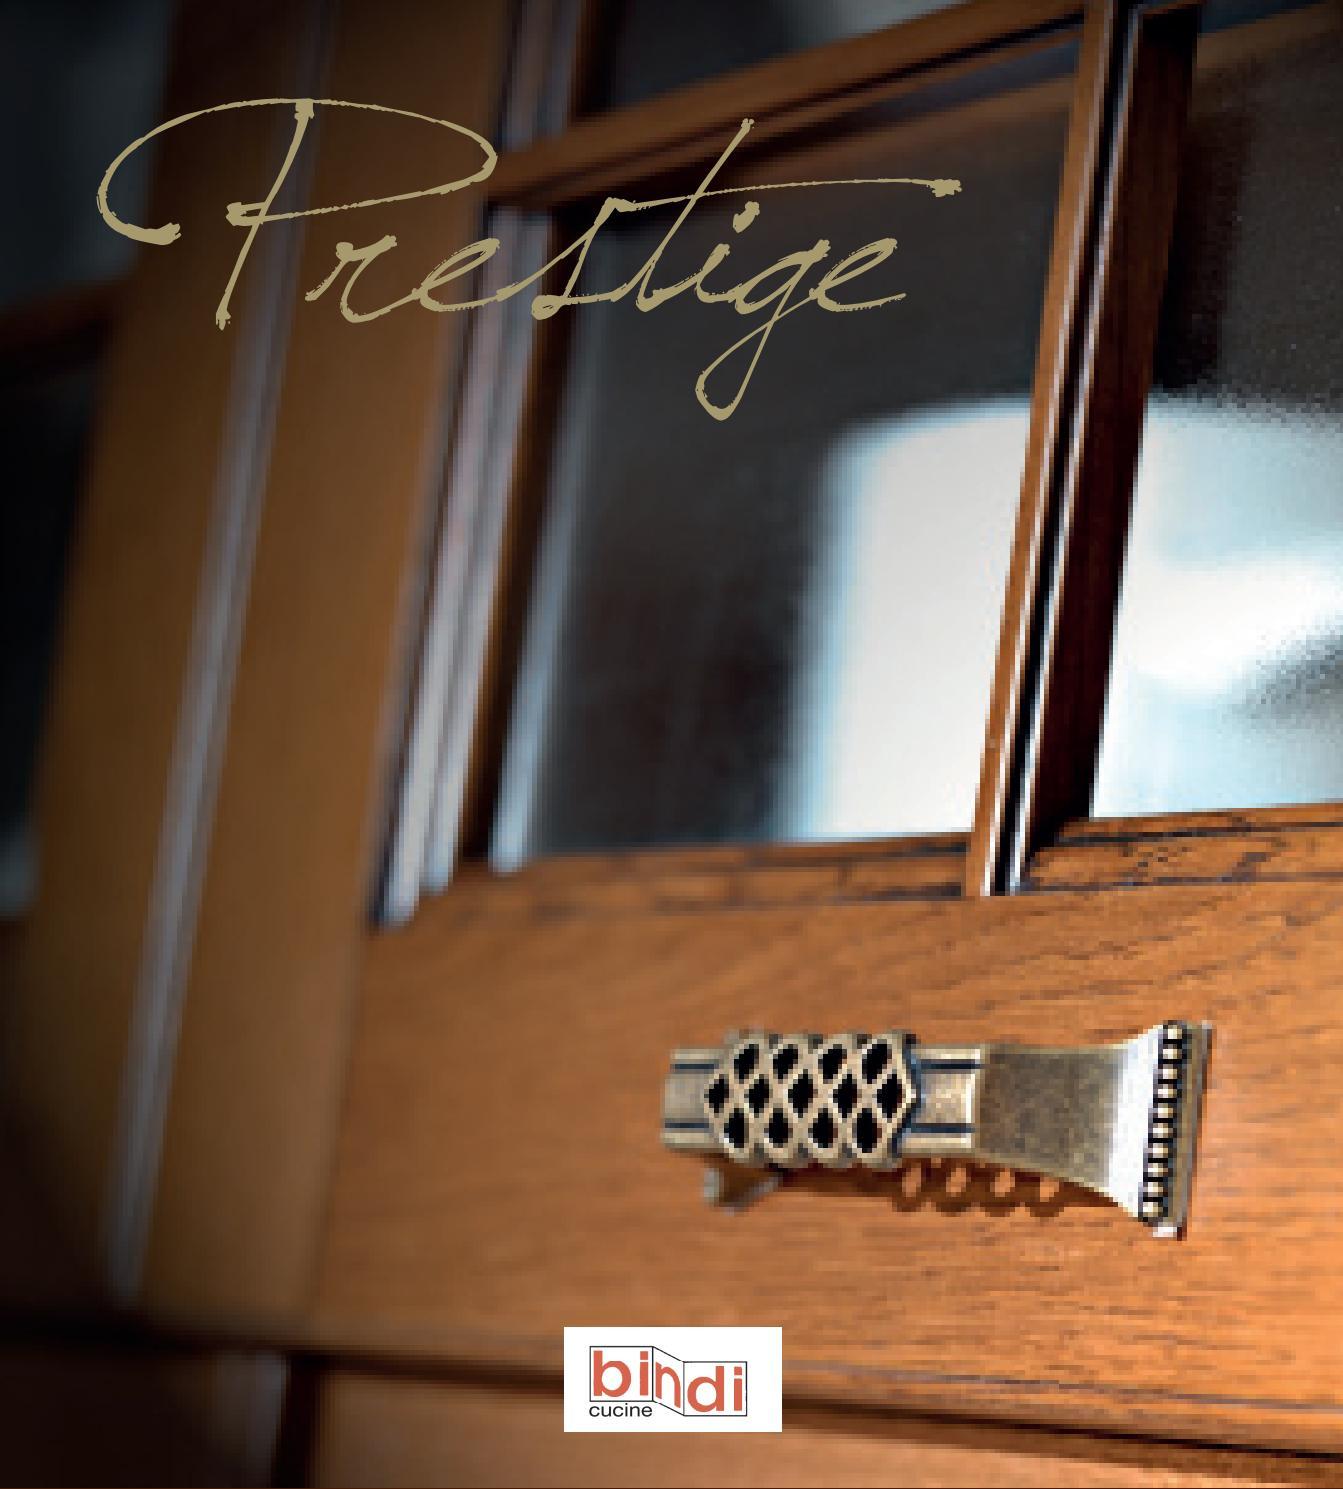 Bindi Cucine Componibili.Bindi Cucine Prestige By Cucine Bindi Issuu